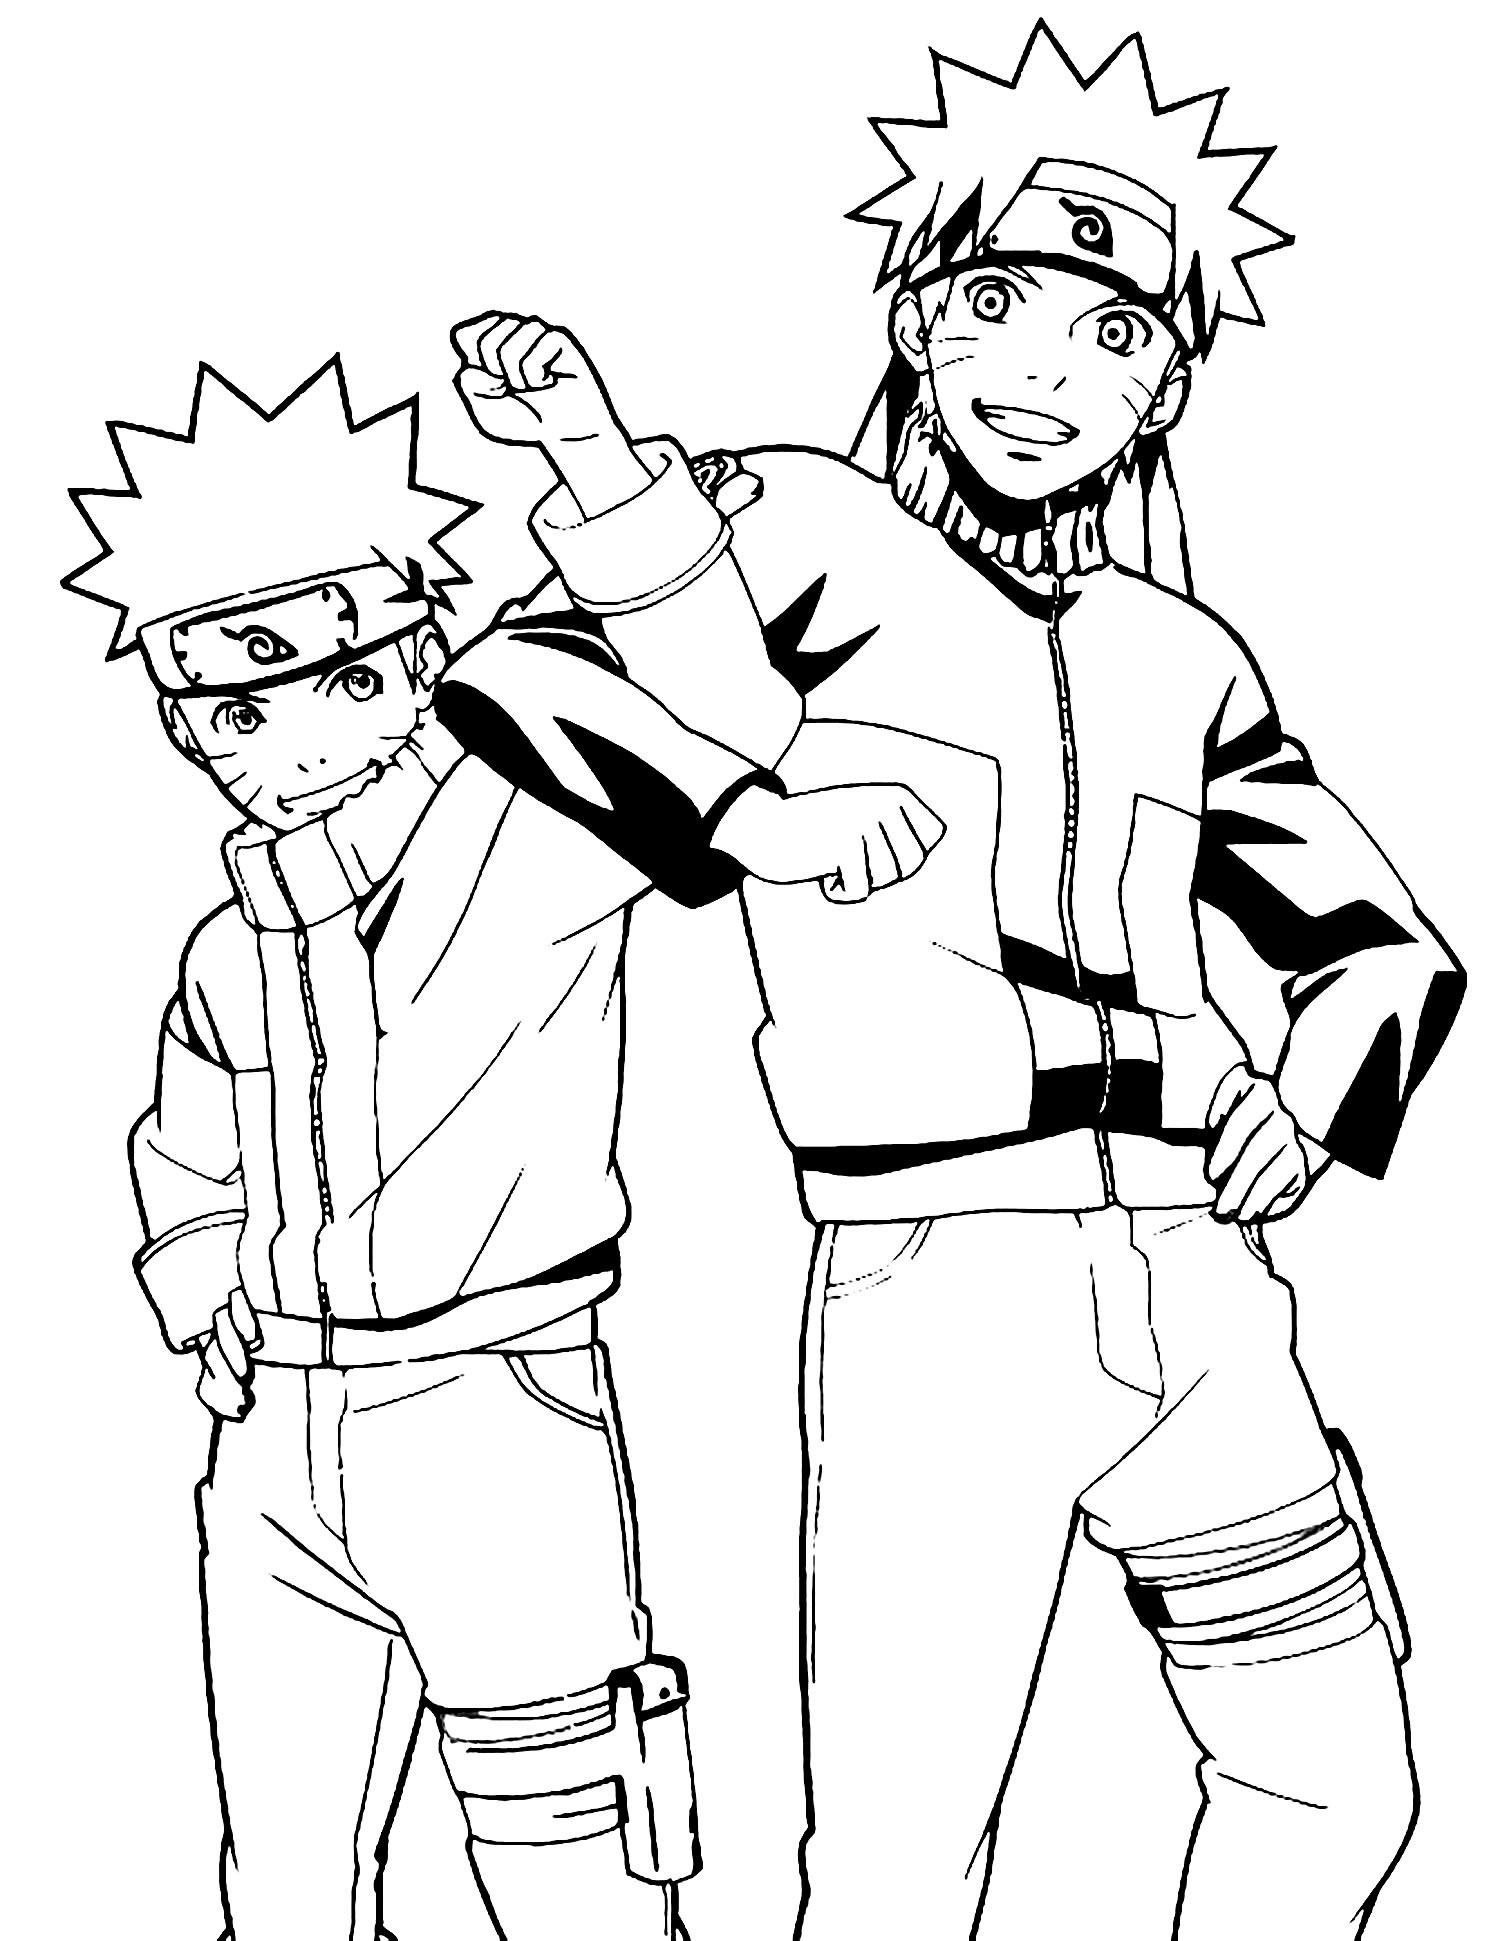 Desenho de Naruto para decalcar